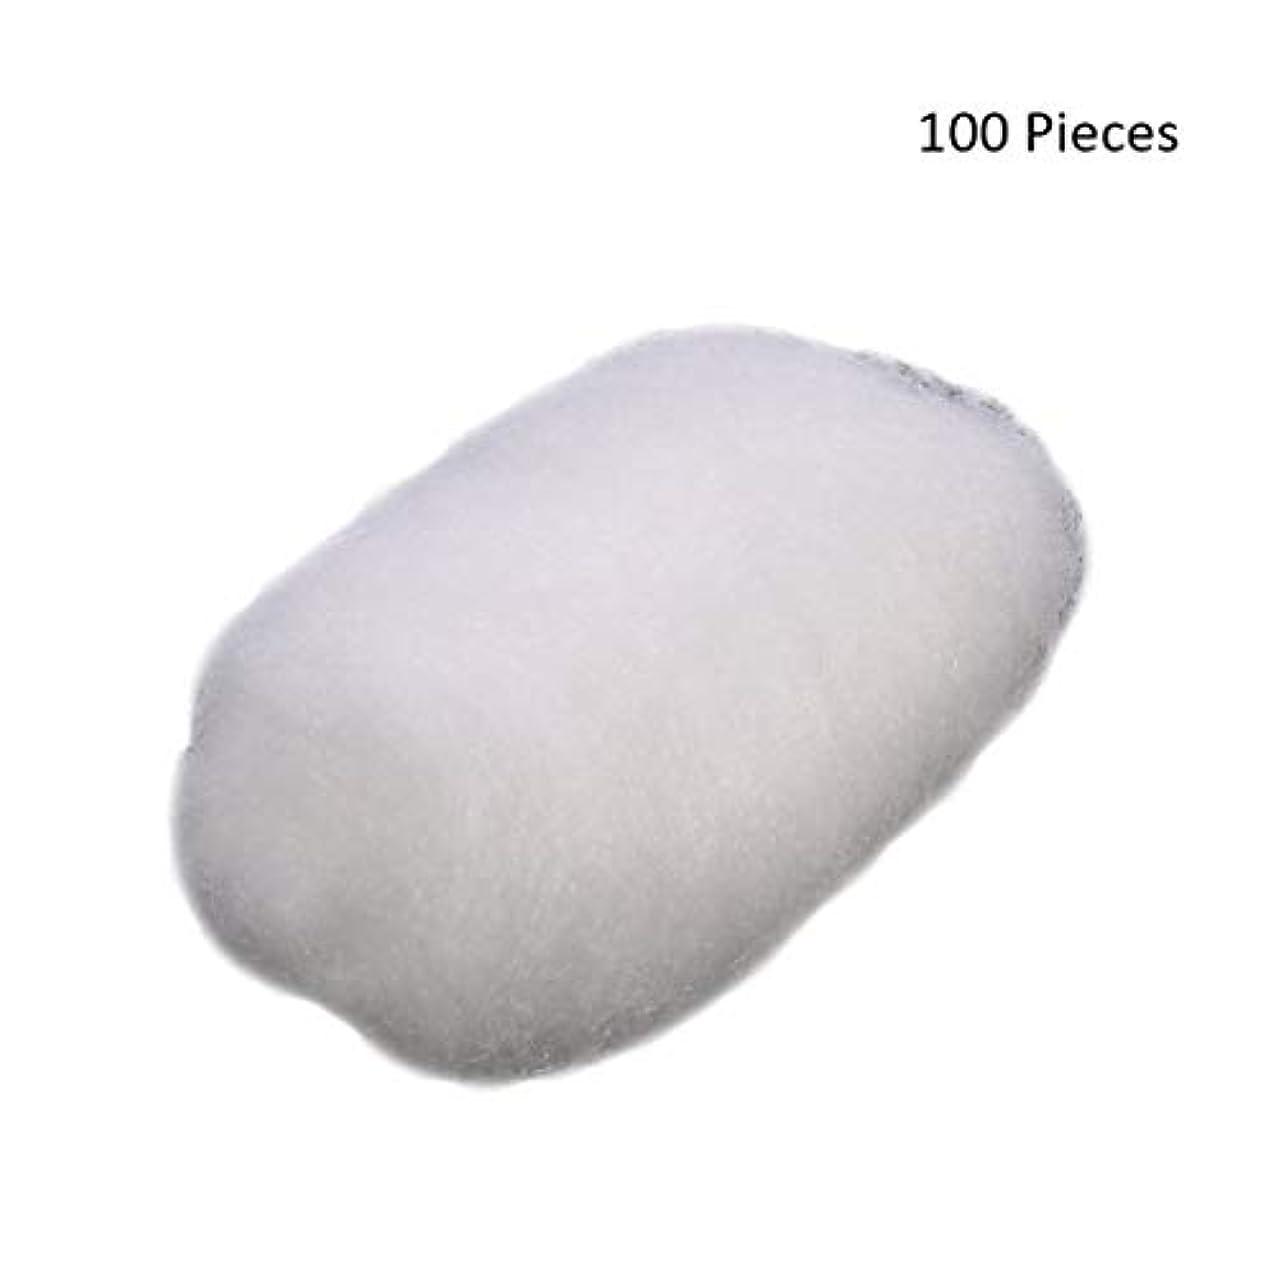 ピンチ代わりの急速な100ピース/バッグフェイスメイクアップリムーバーコットンボールタトゥー消毒メイククレンジングローション化粧品除去コットンボール (Color : White)